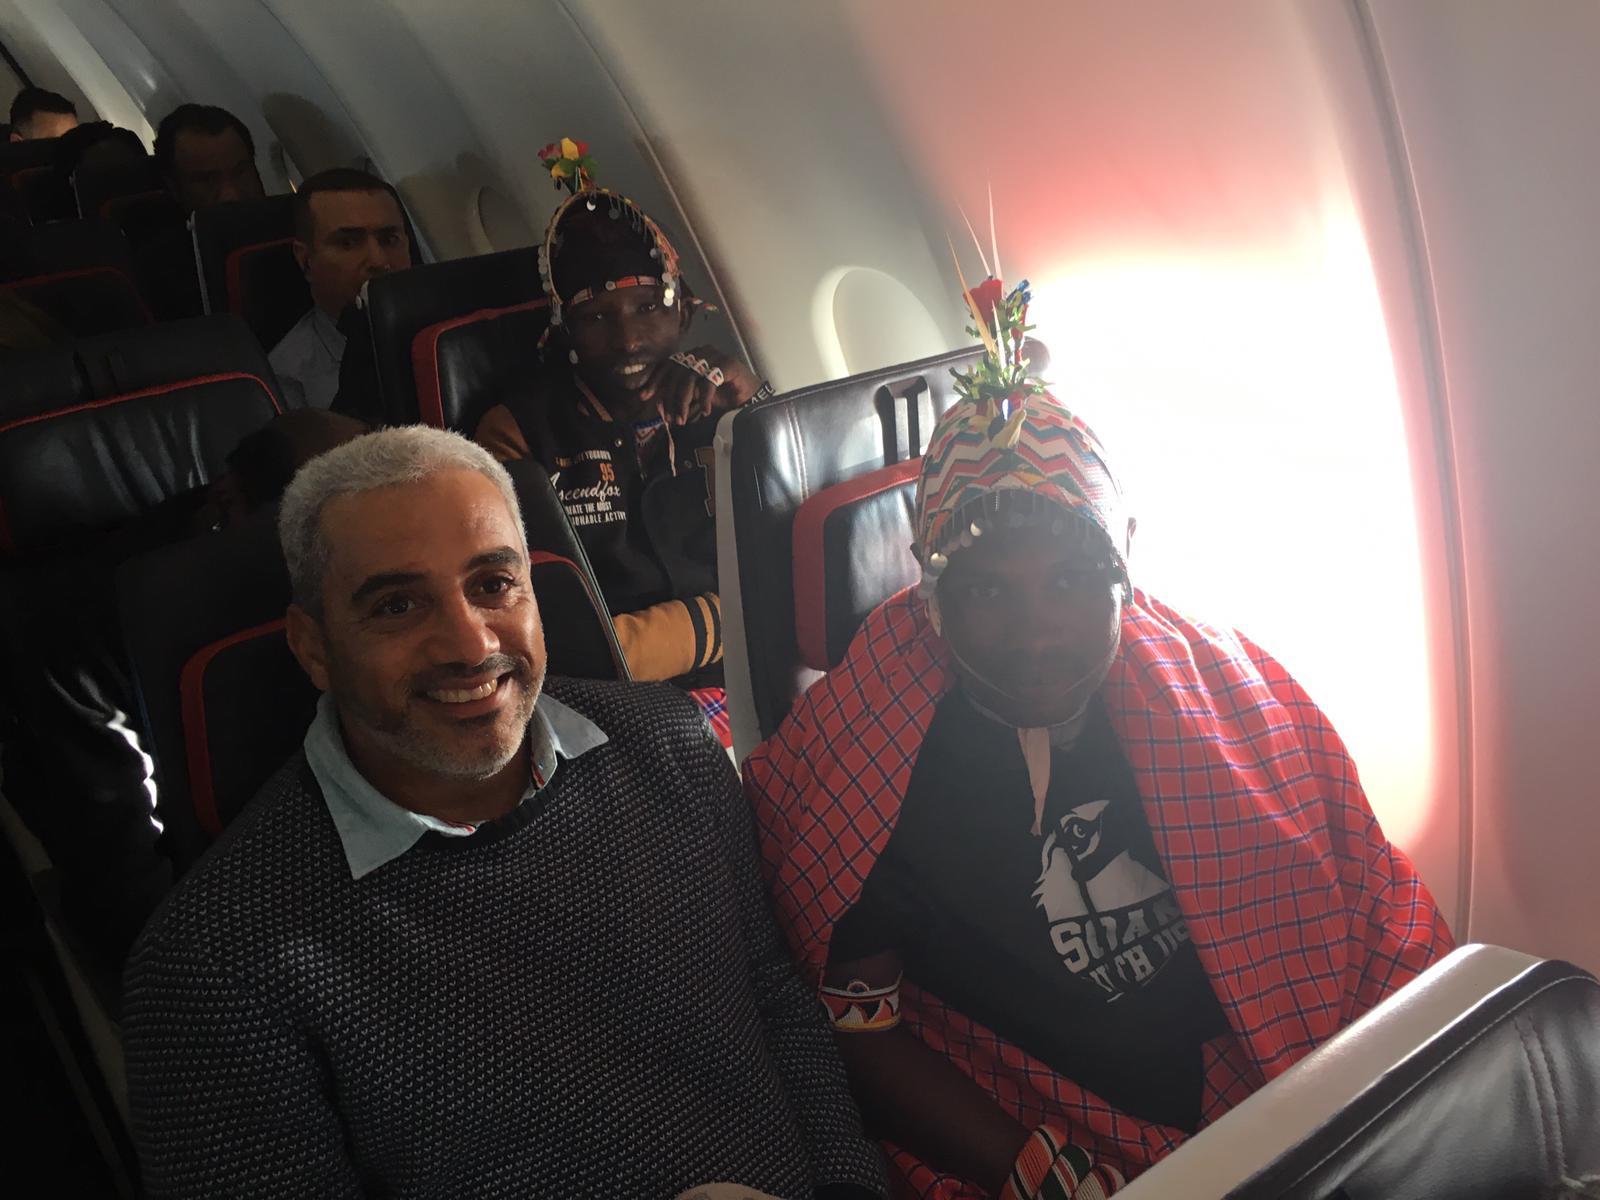 THY uçağındaki 302 kişi 10 bin metrede onları merak etti…